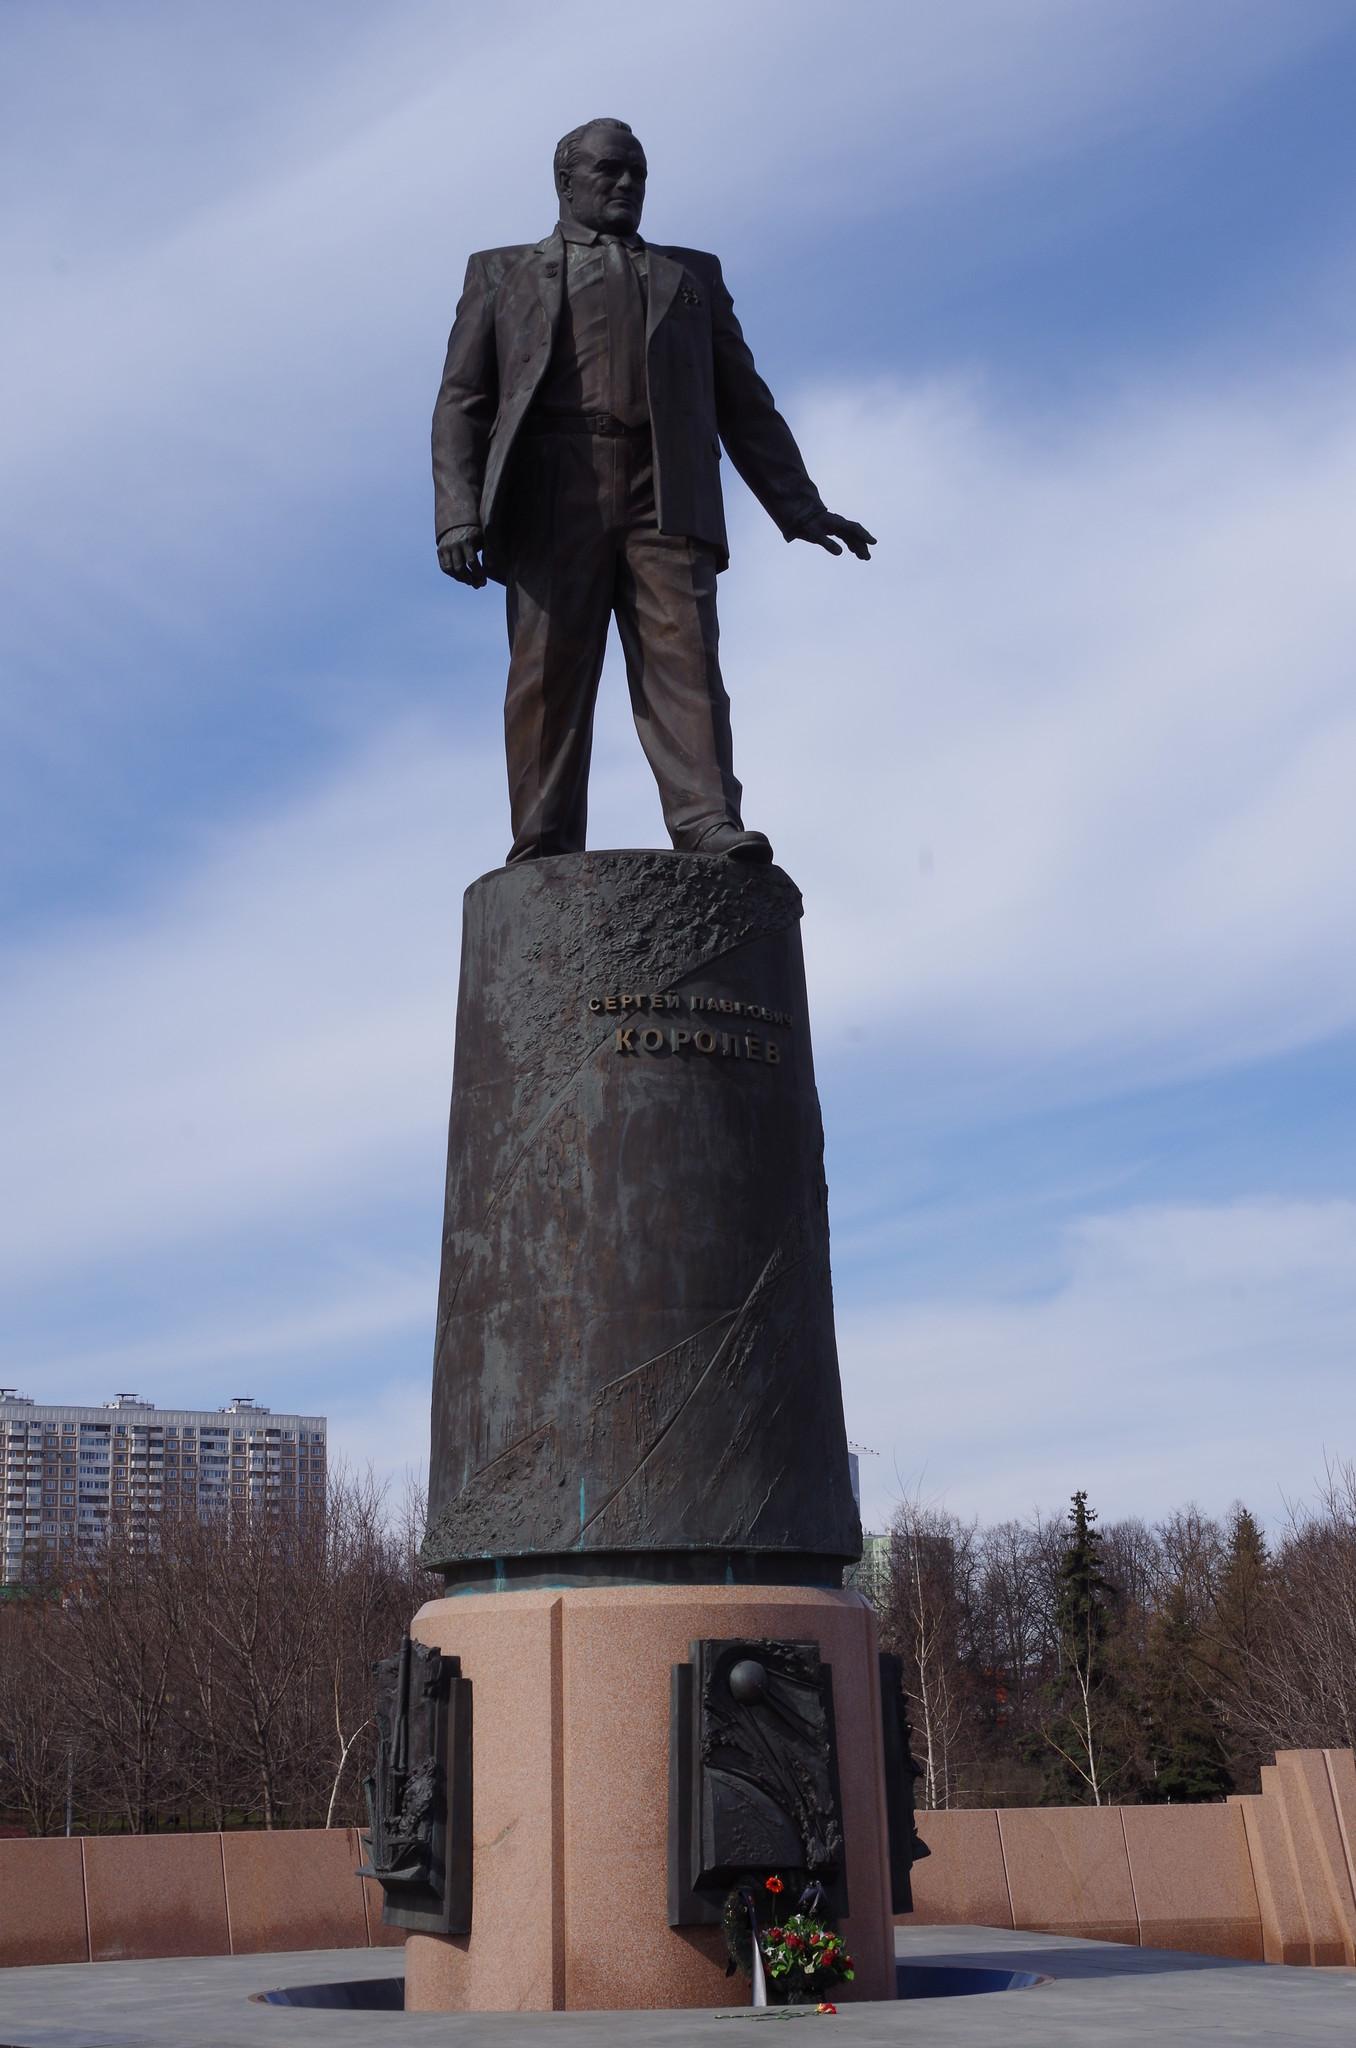 Памятник Сергею Павловичу Королеву был установлен на Аллее Космонавтов в 2008 году